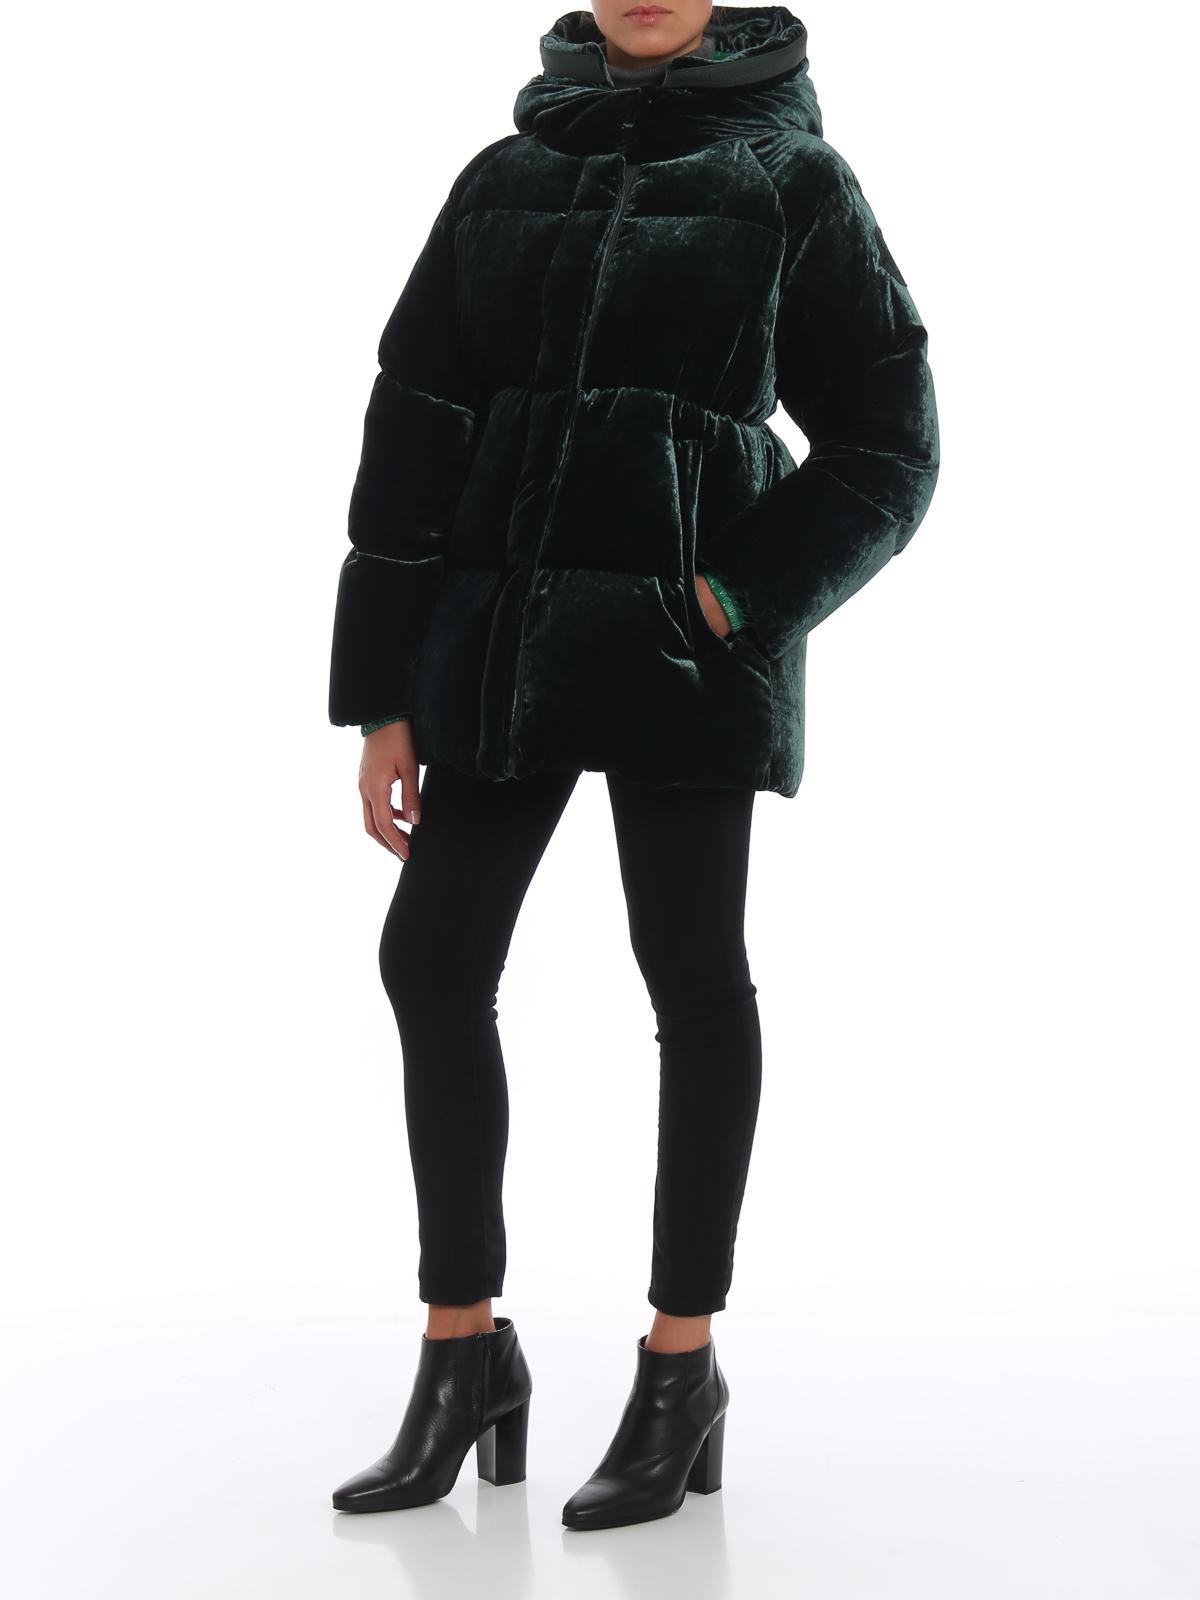 aaf788b0aa6e Moncler - Butor soft velvet hooded puffer jacket - کاپشن - D2 093 ...